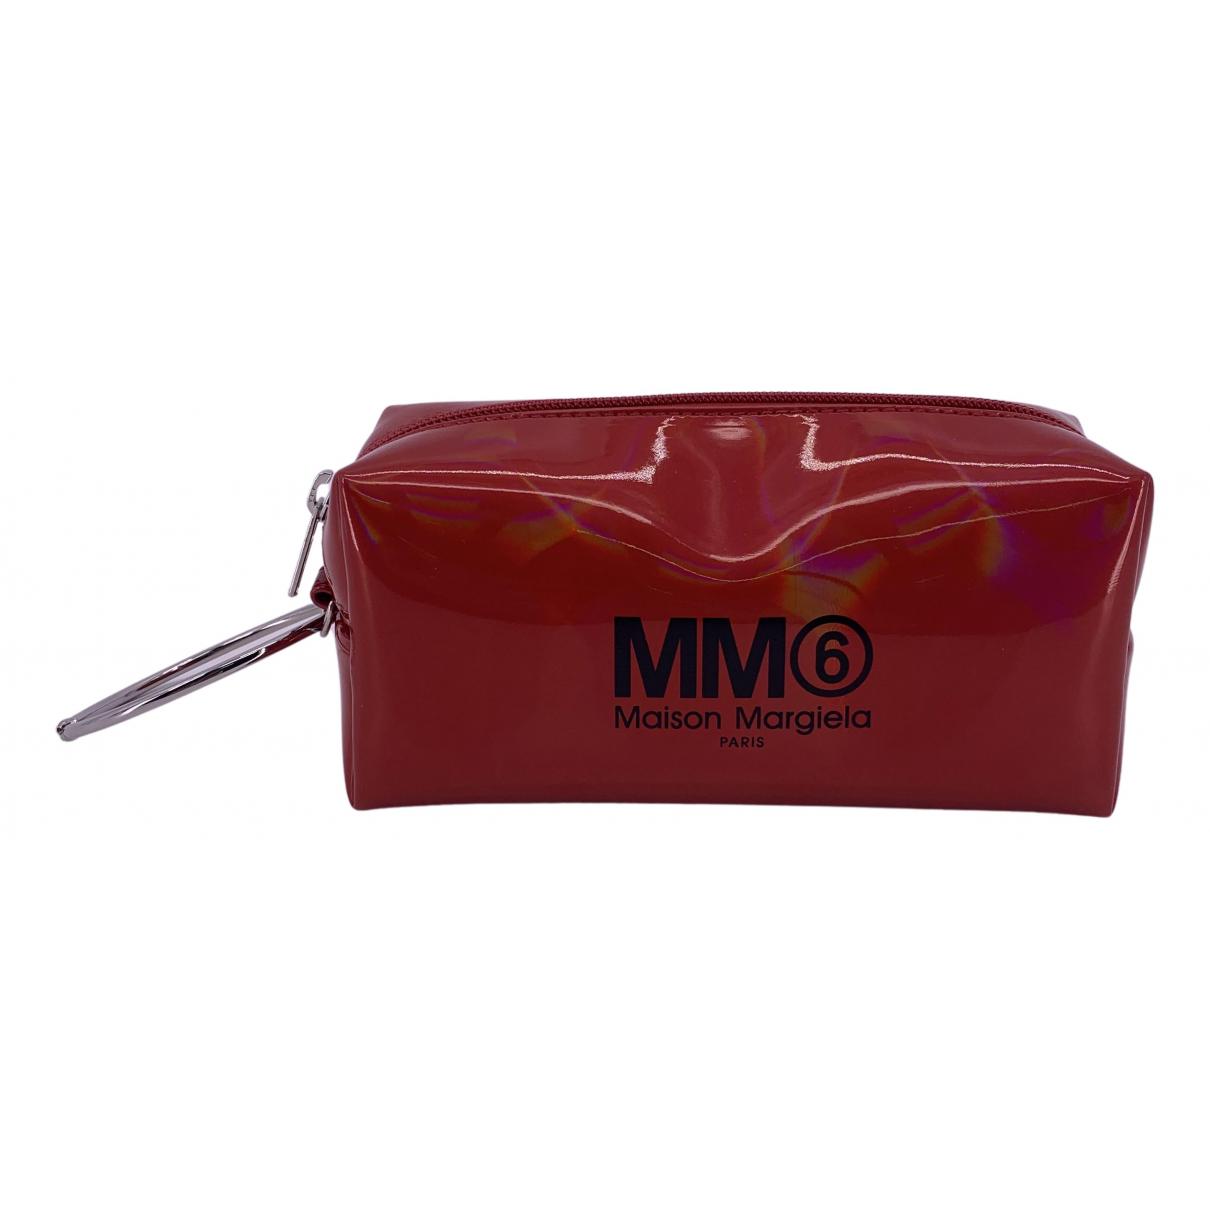 Bolsos clutch en Poliester Rojo Mm6